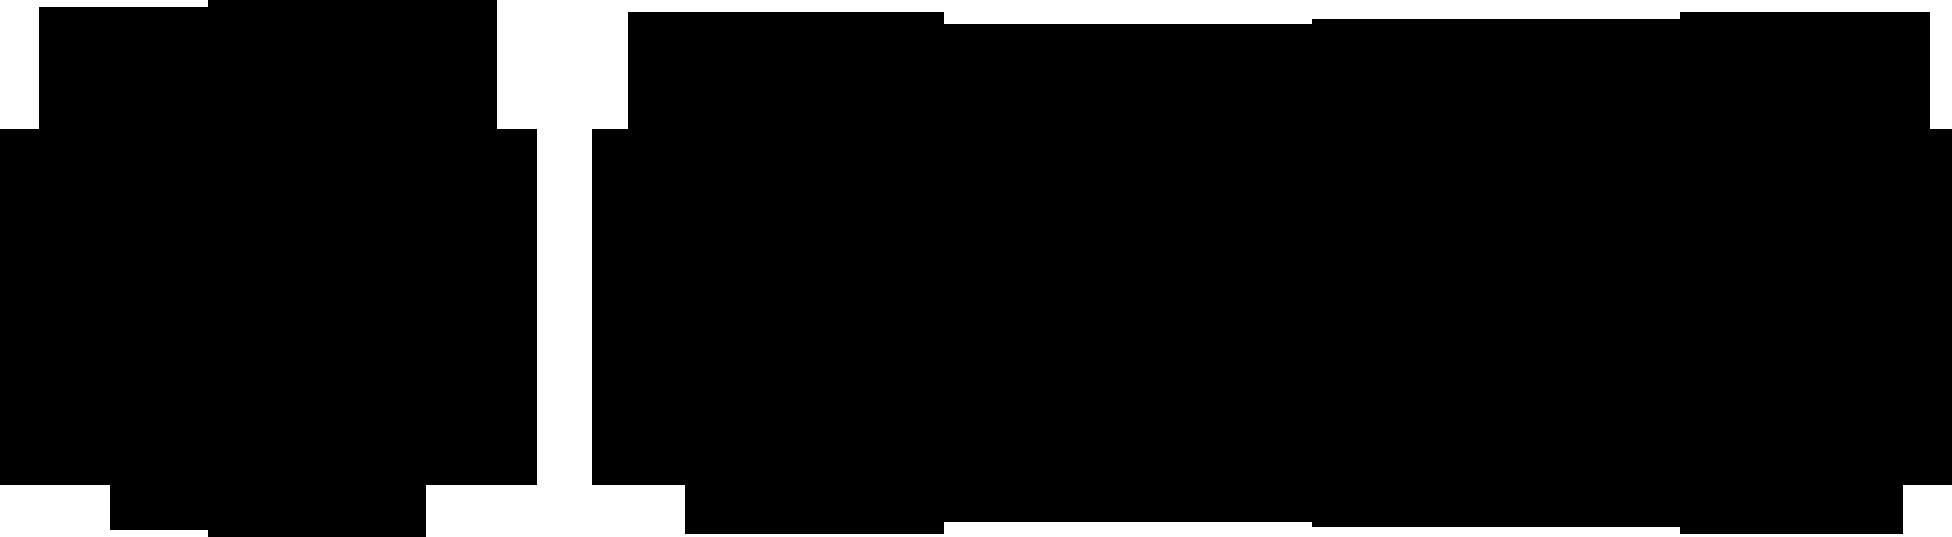 cbs-logo-2011-png-0-1